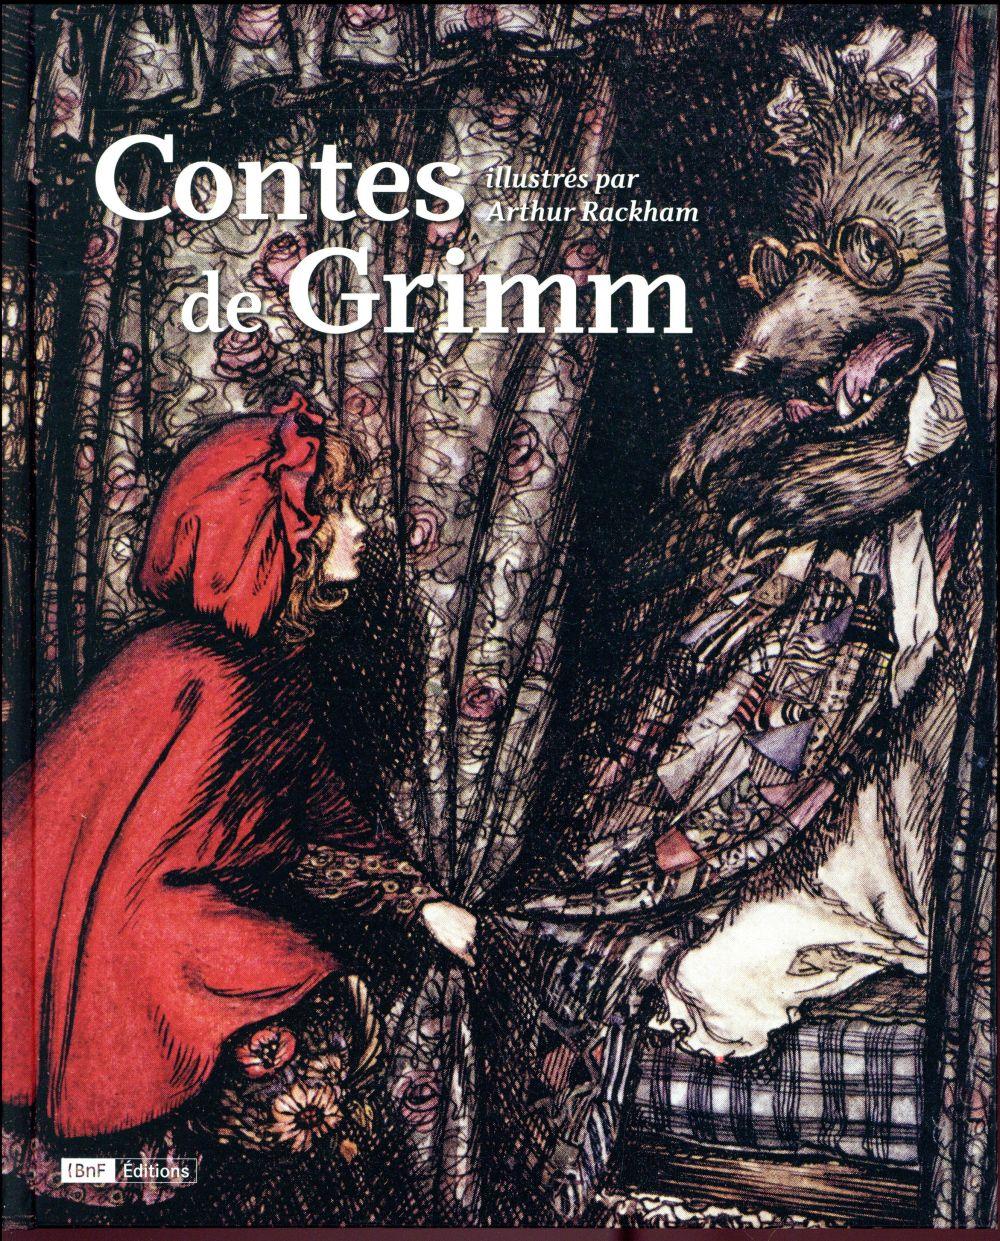 CONTES DE GRIMM ILLUSTRES PAR ARTHUR RACKHAM PICAUD CARINE CTHS EDITION